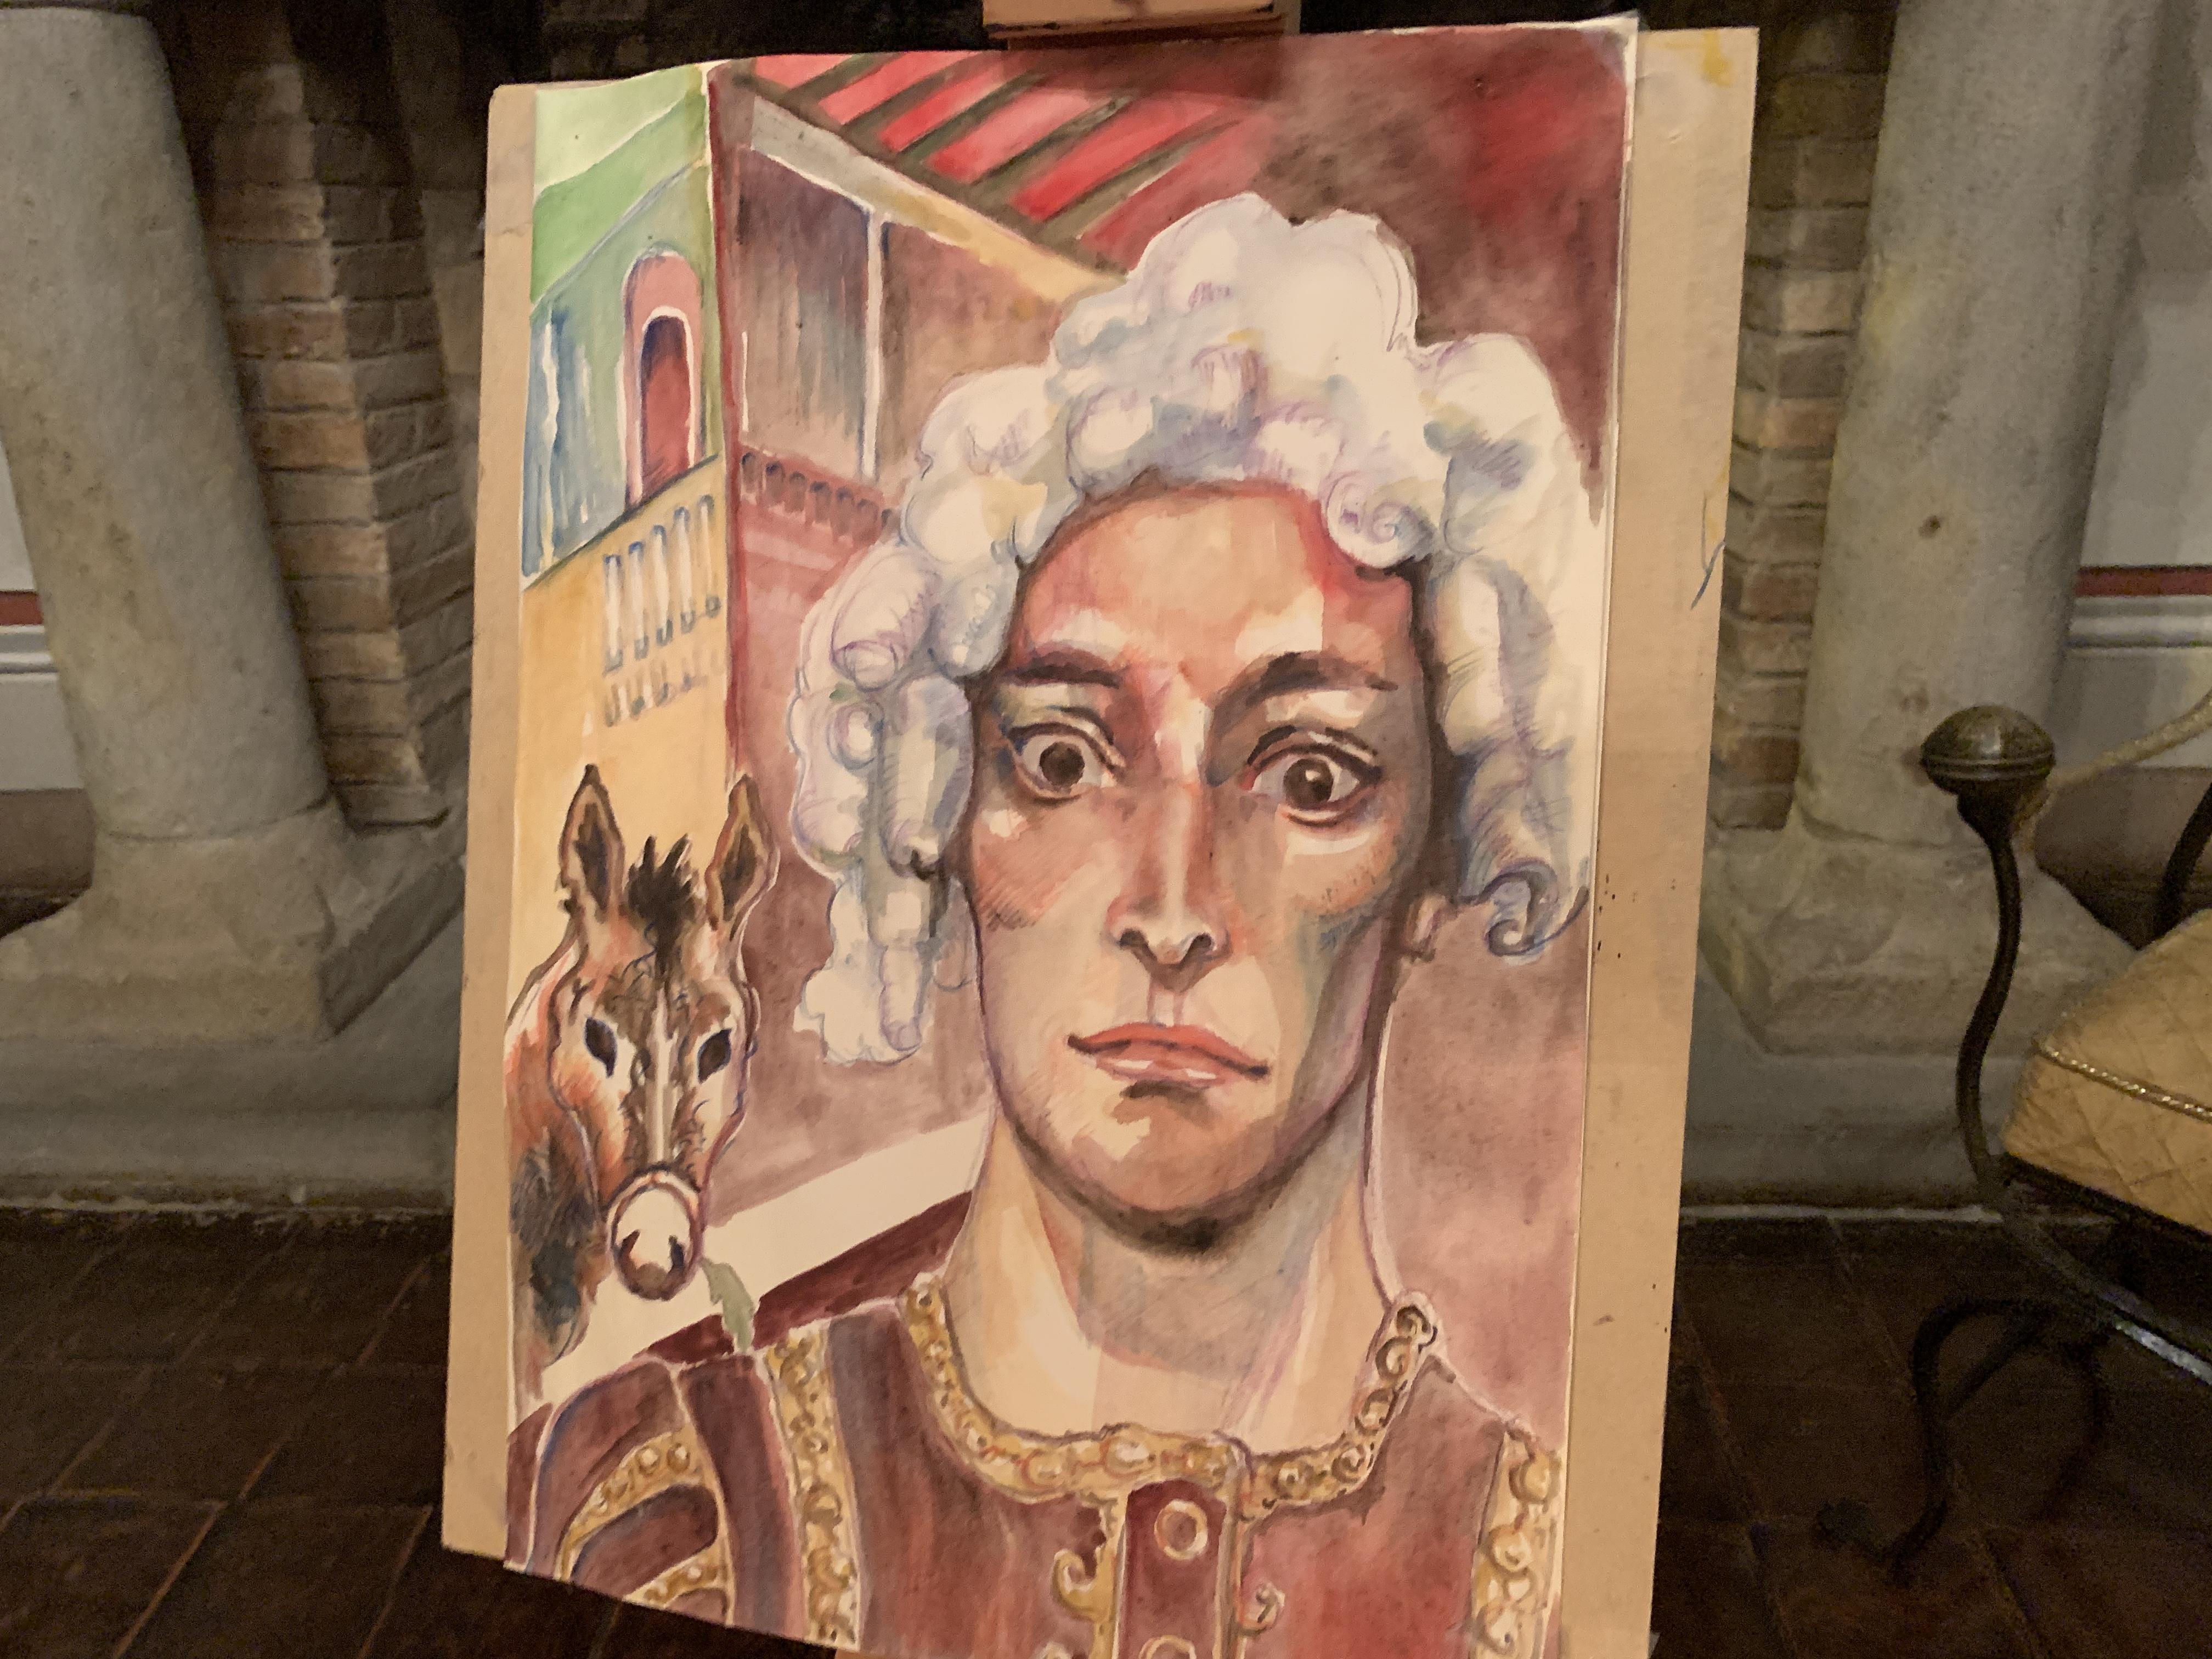 il ritratto del Trisconte